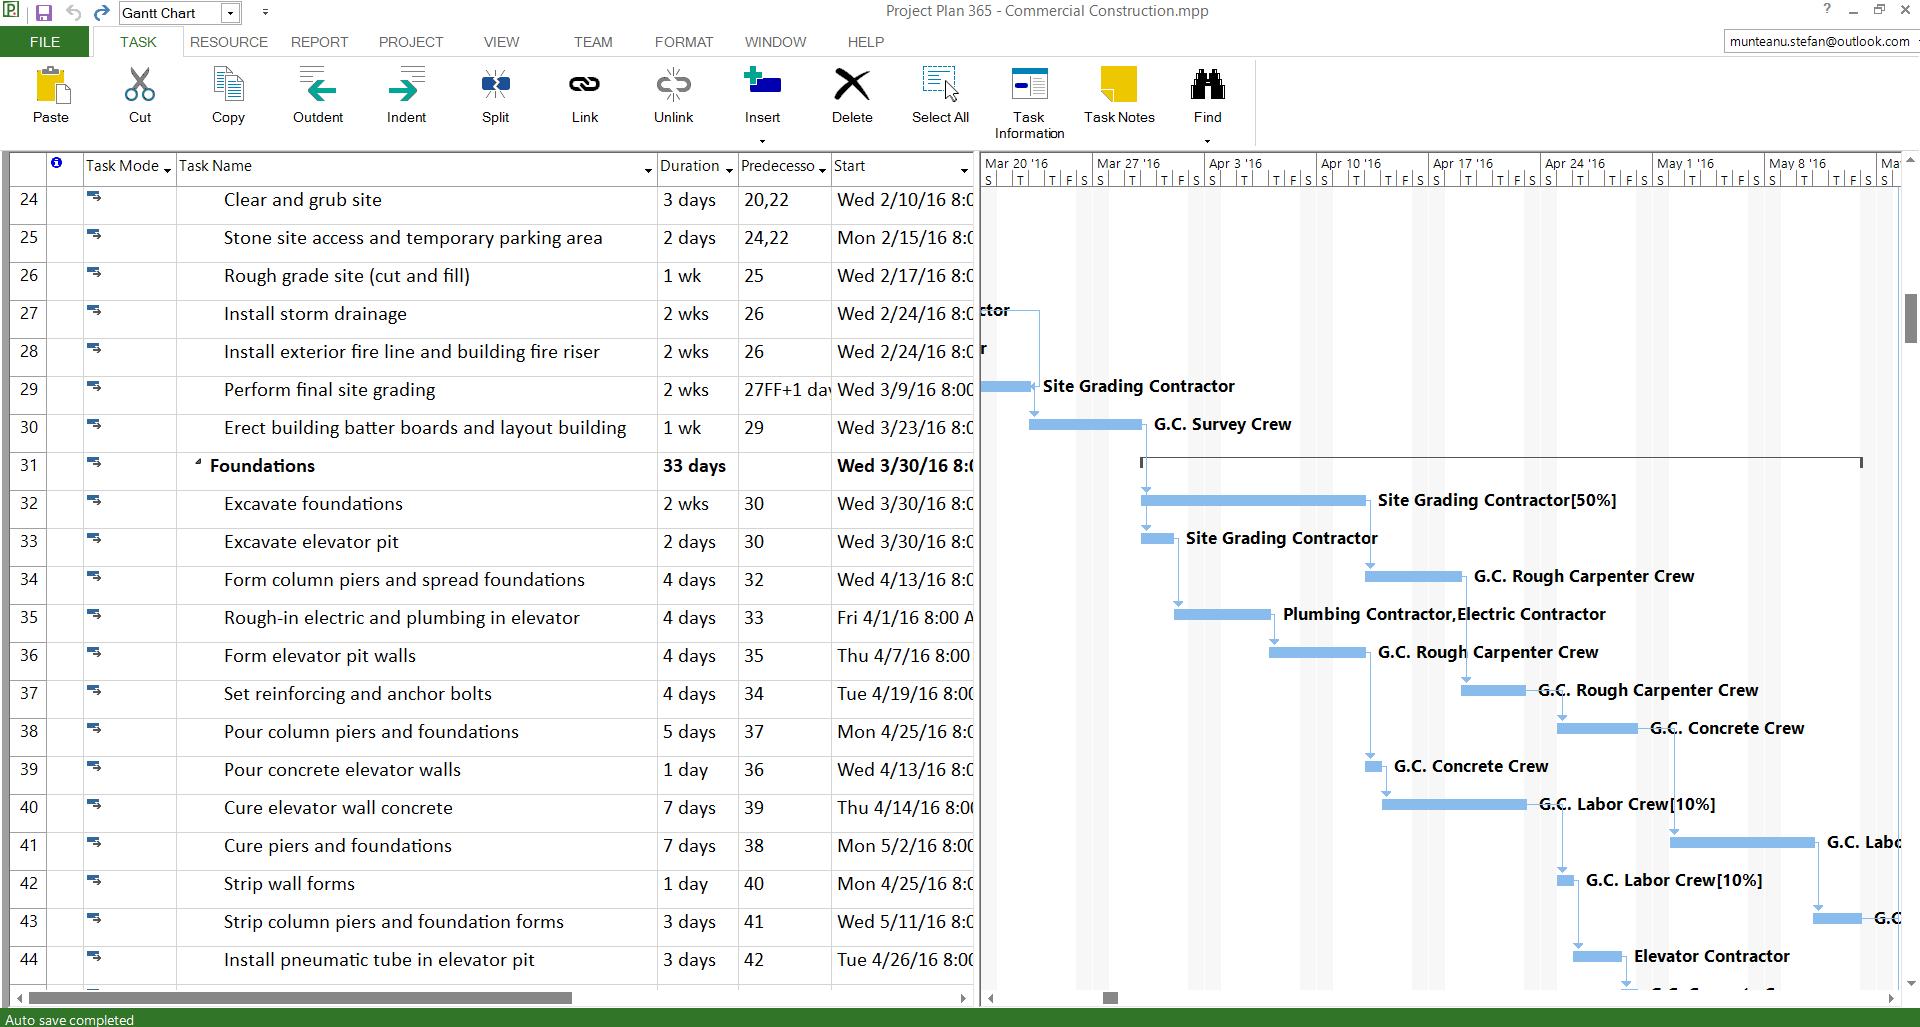 Gantt Chart Project Plan 365